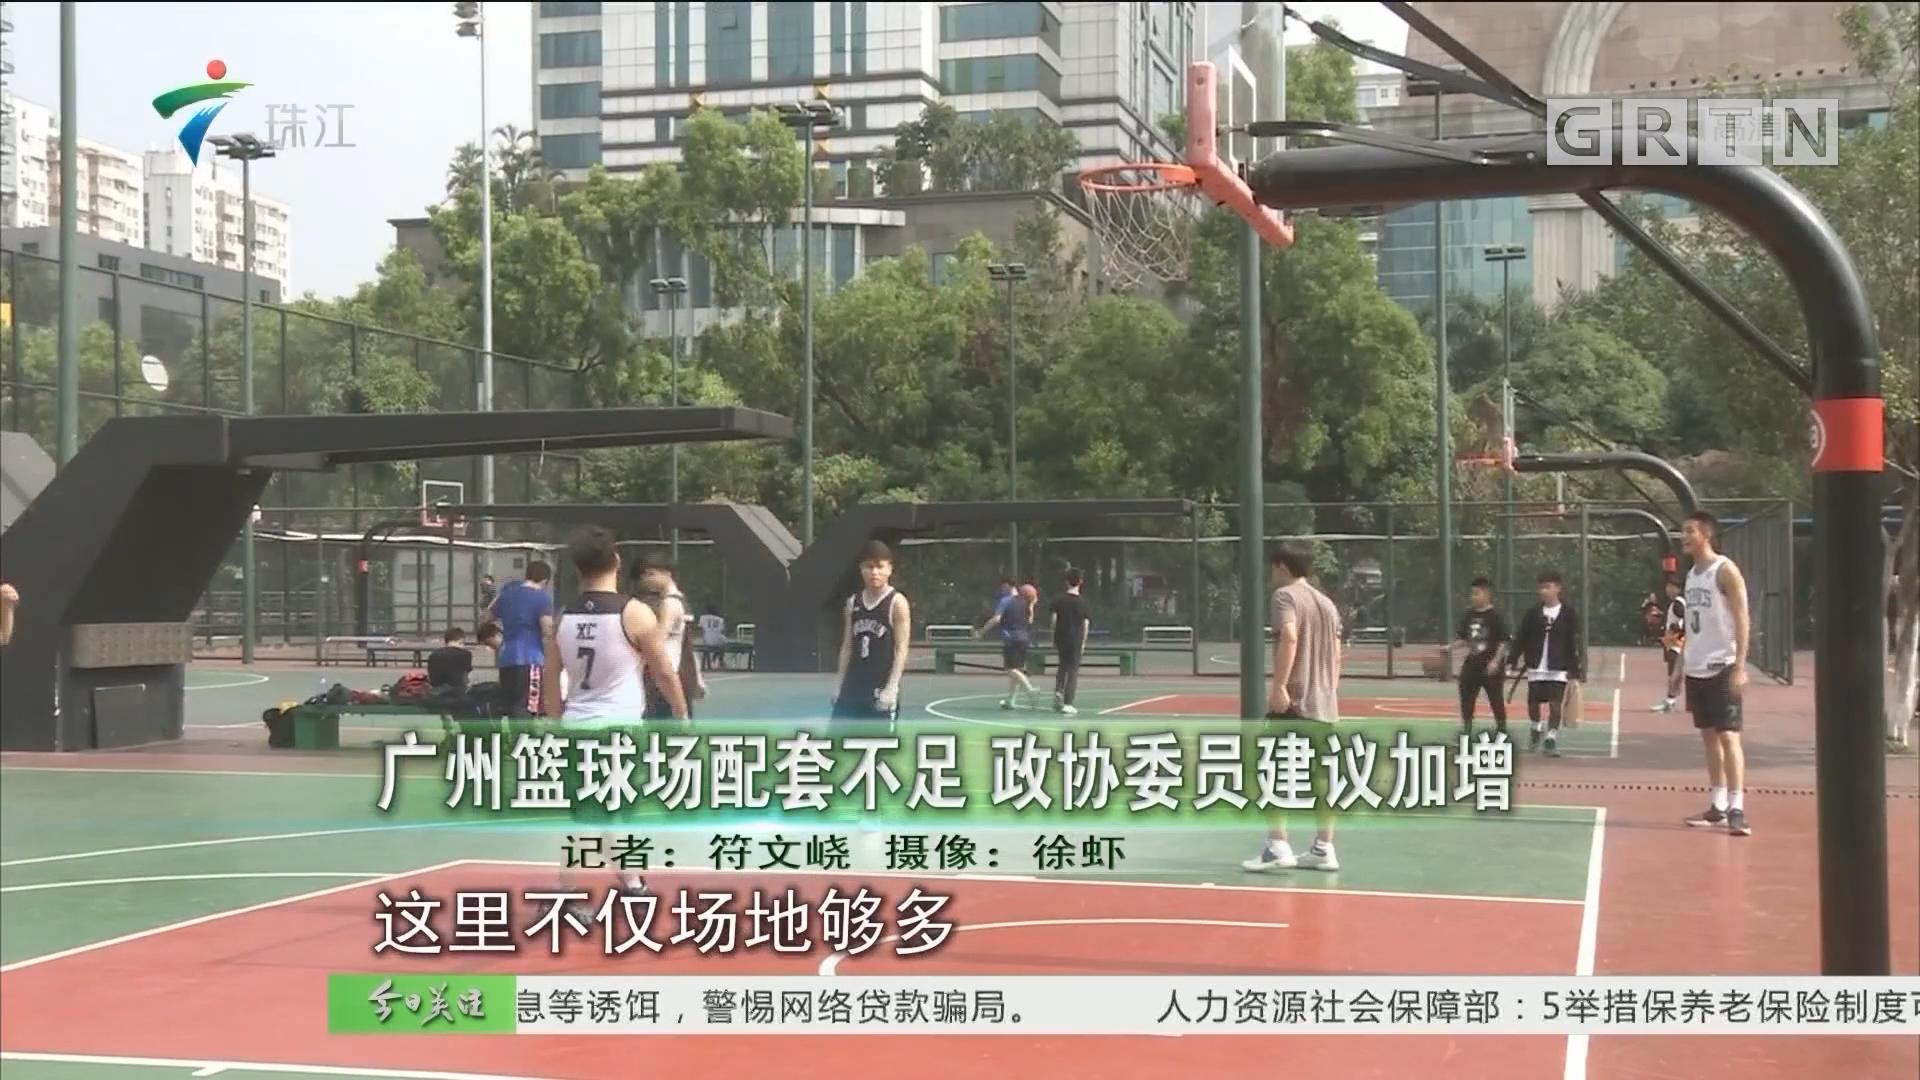 广州篮球场配套不足 政协委员建议加增